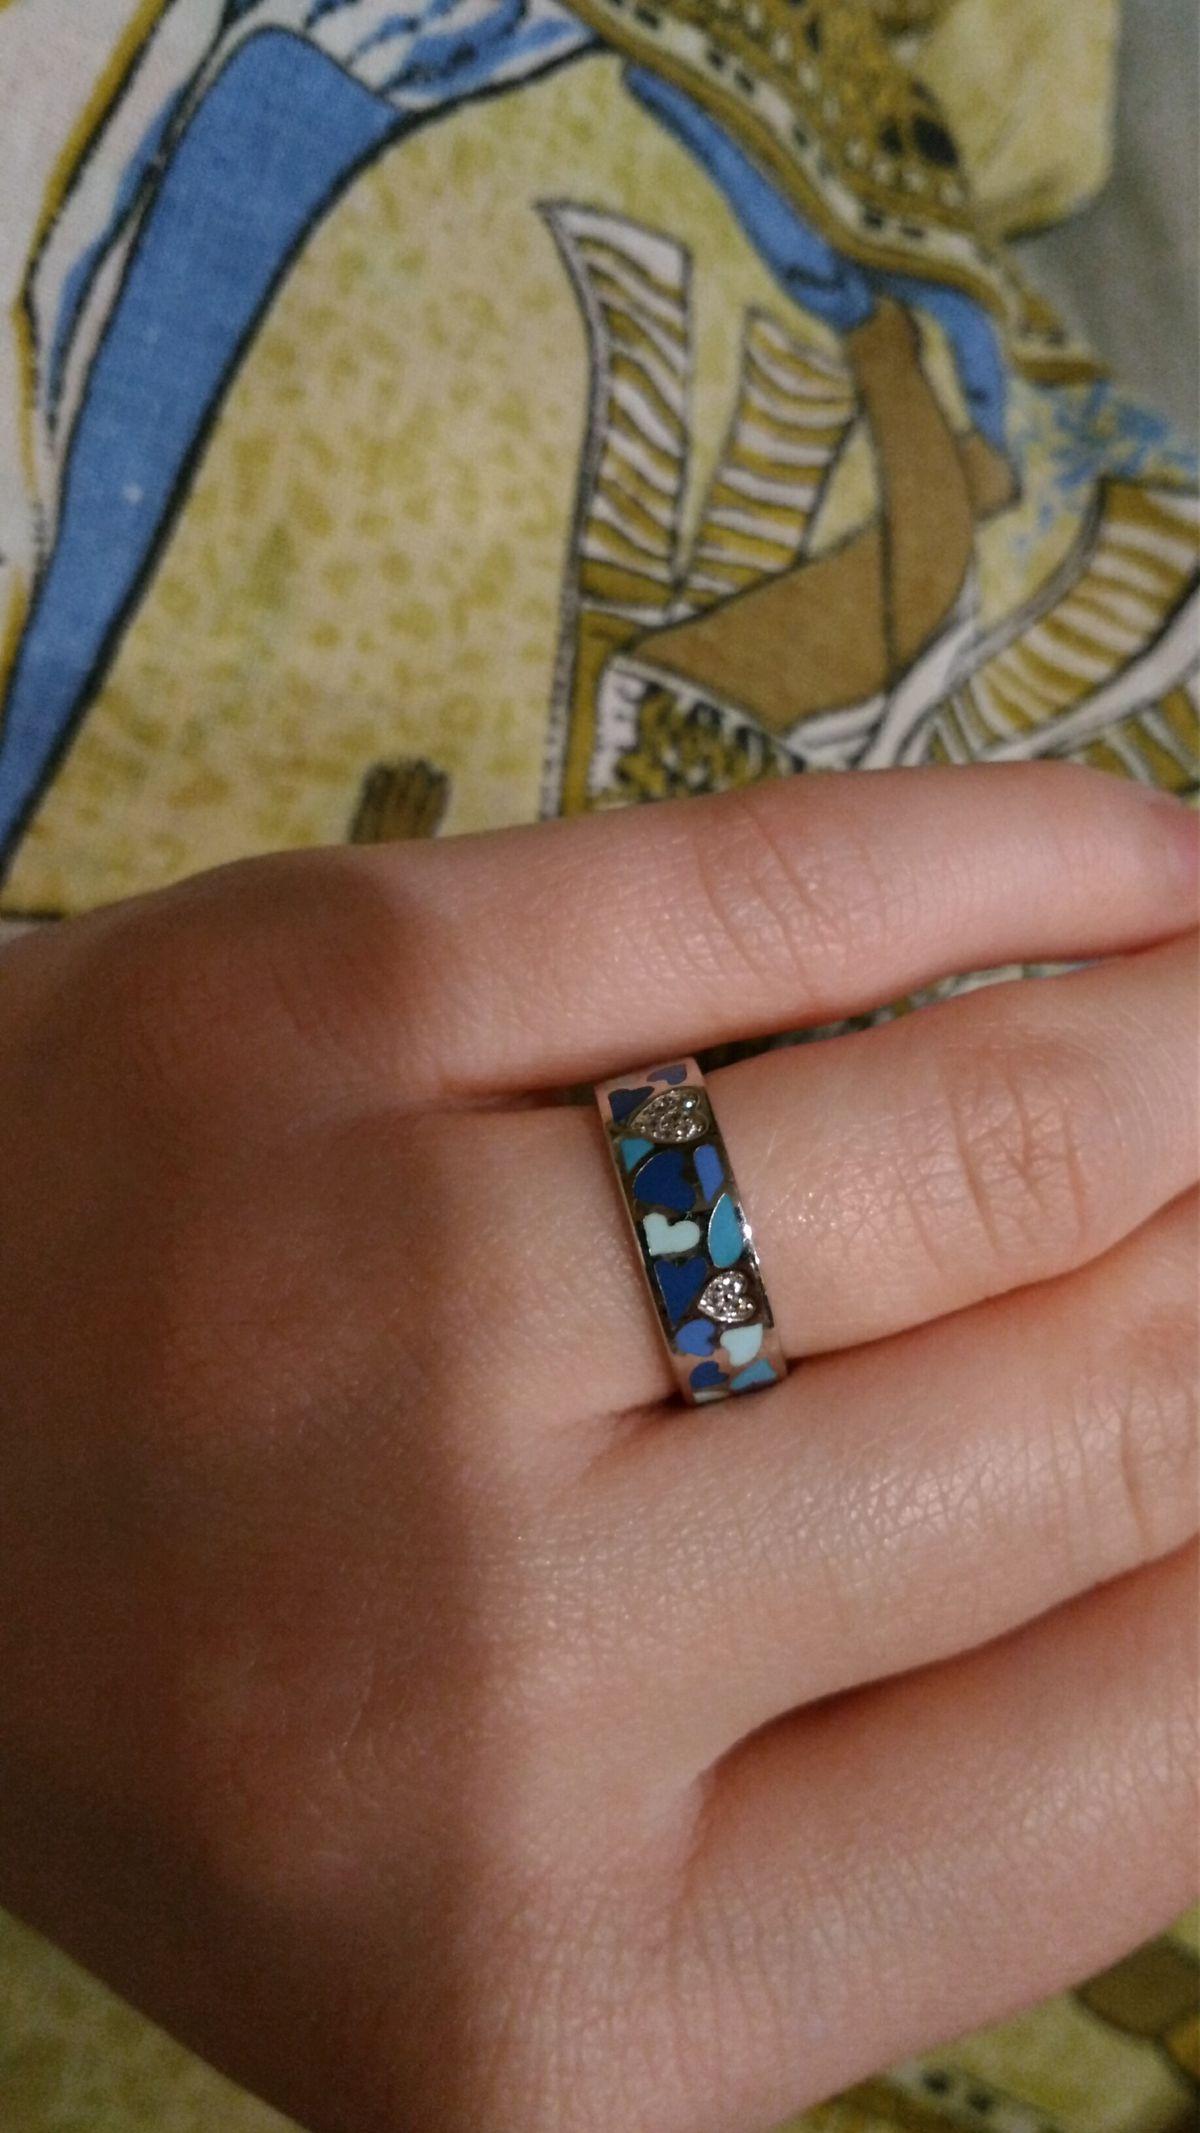 Серебряное кольцо с эмалевой вставкой и фианитами.